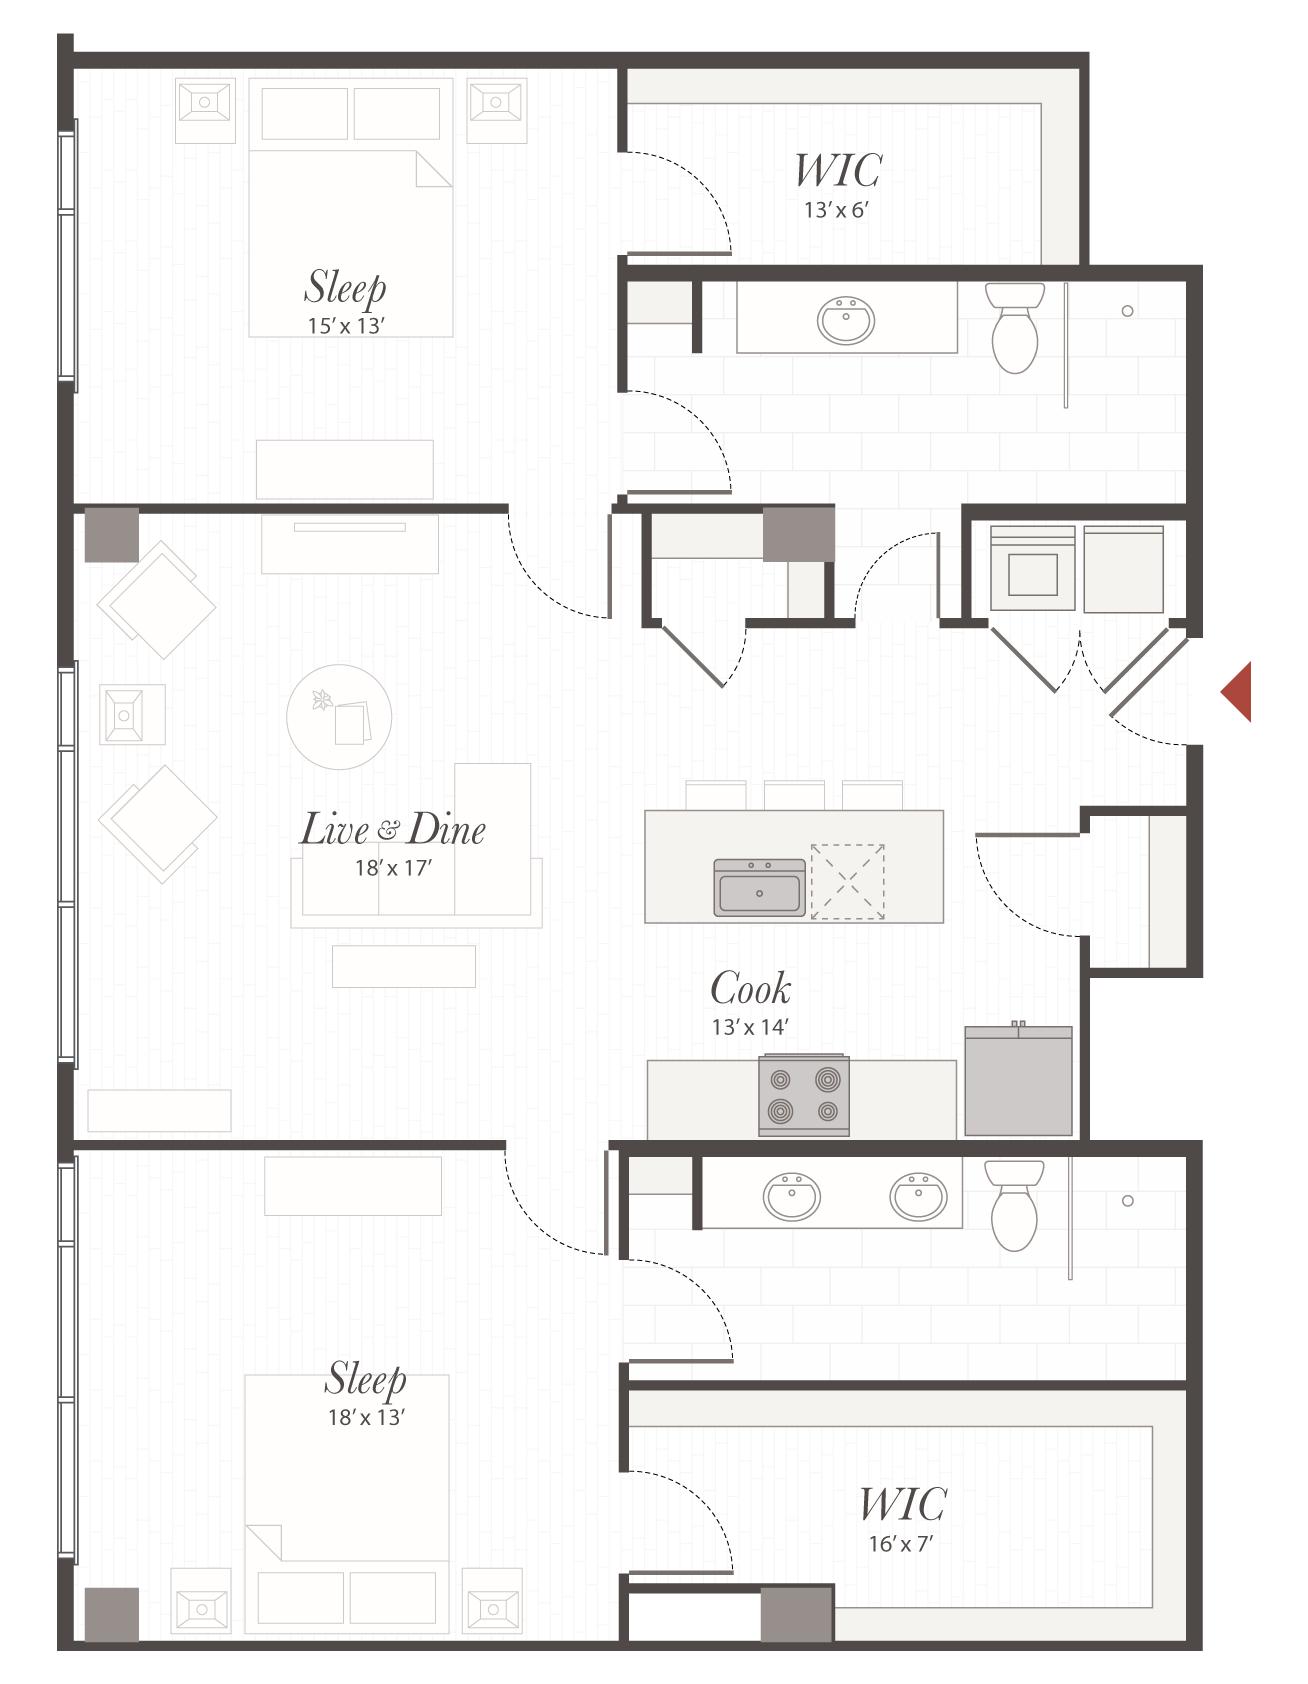 T6 floor plan 2 bedroom luxury apartment cincinnati oh - 2 bedroom apartments in cincinnati ...